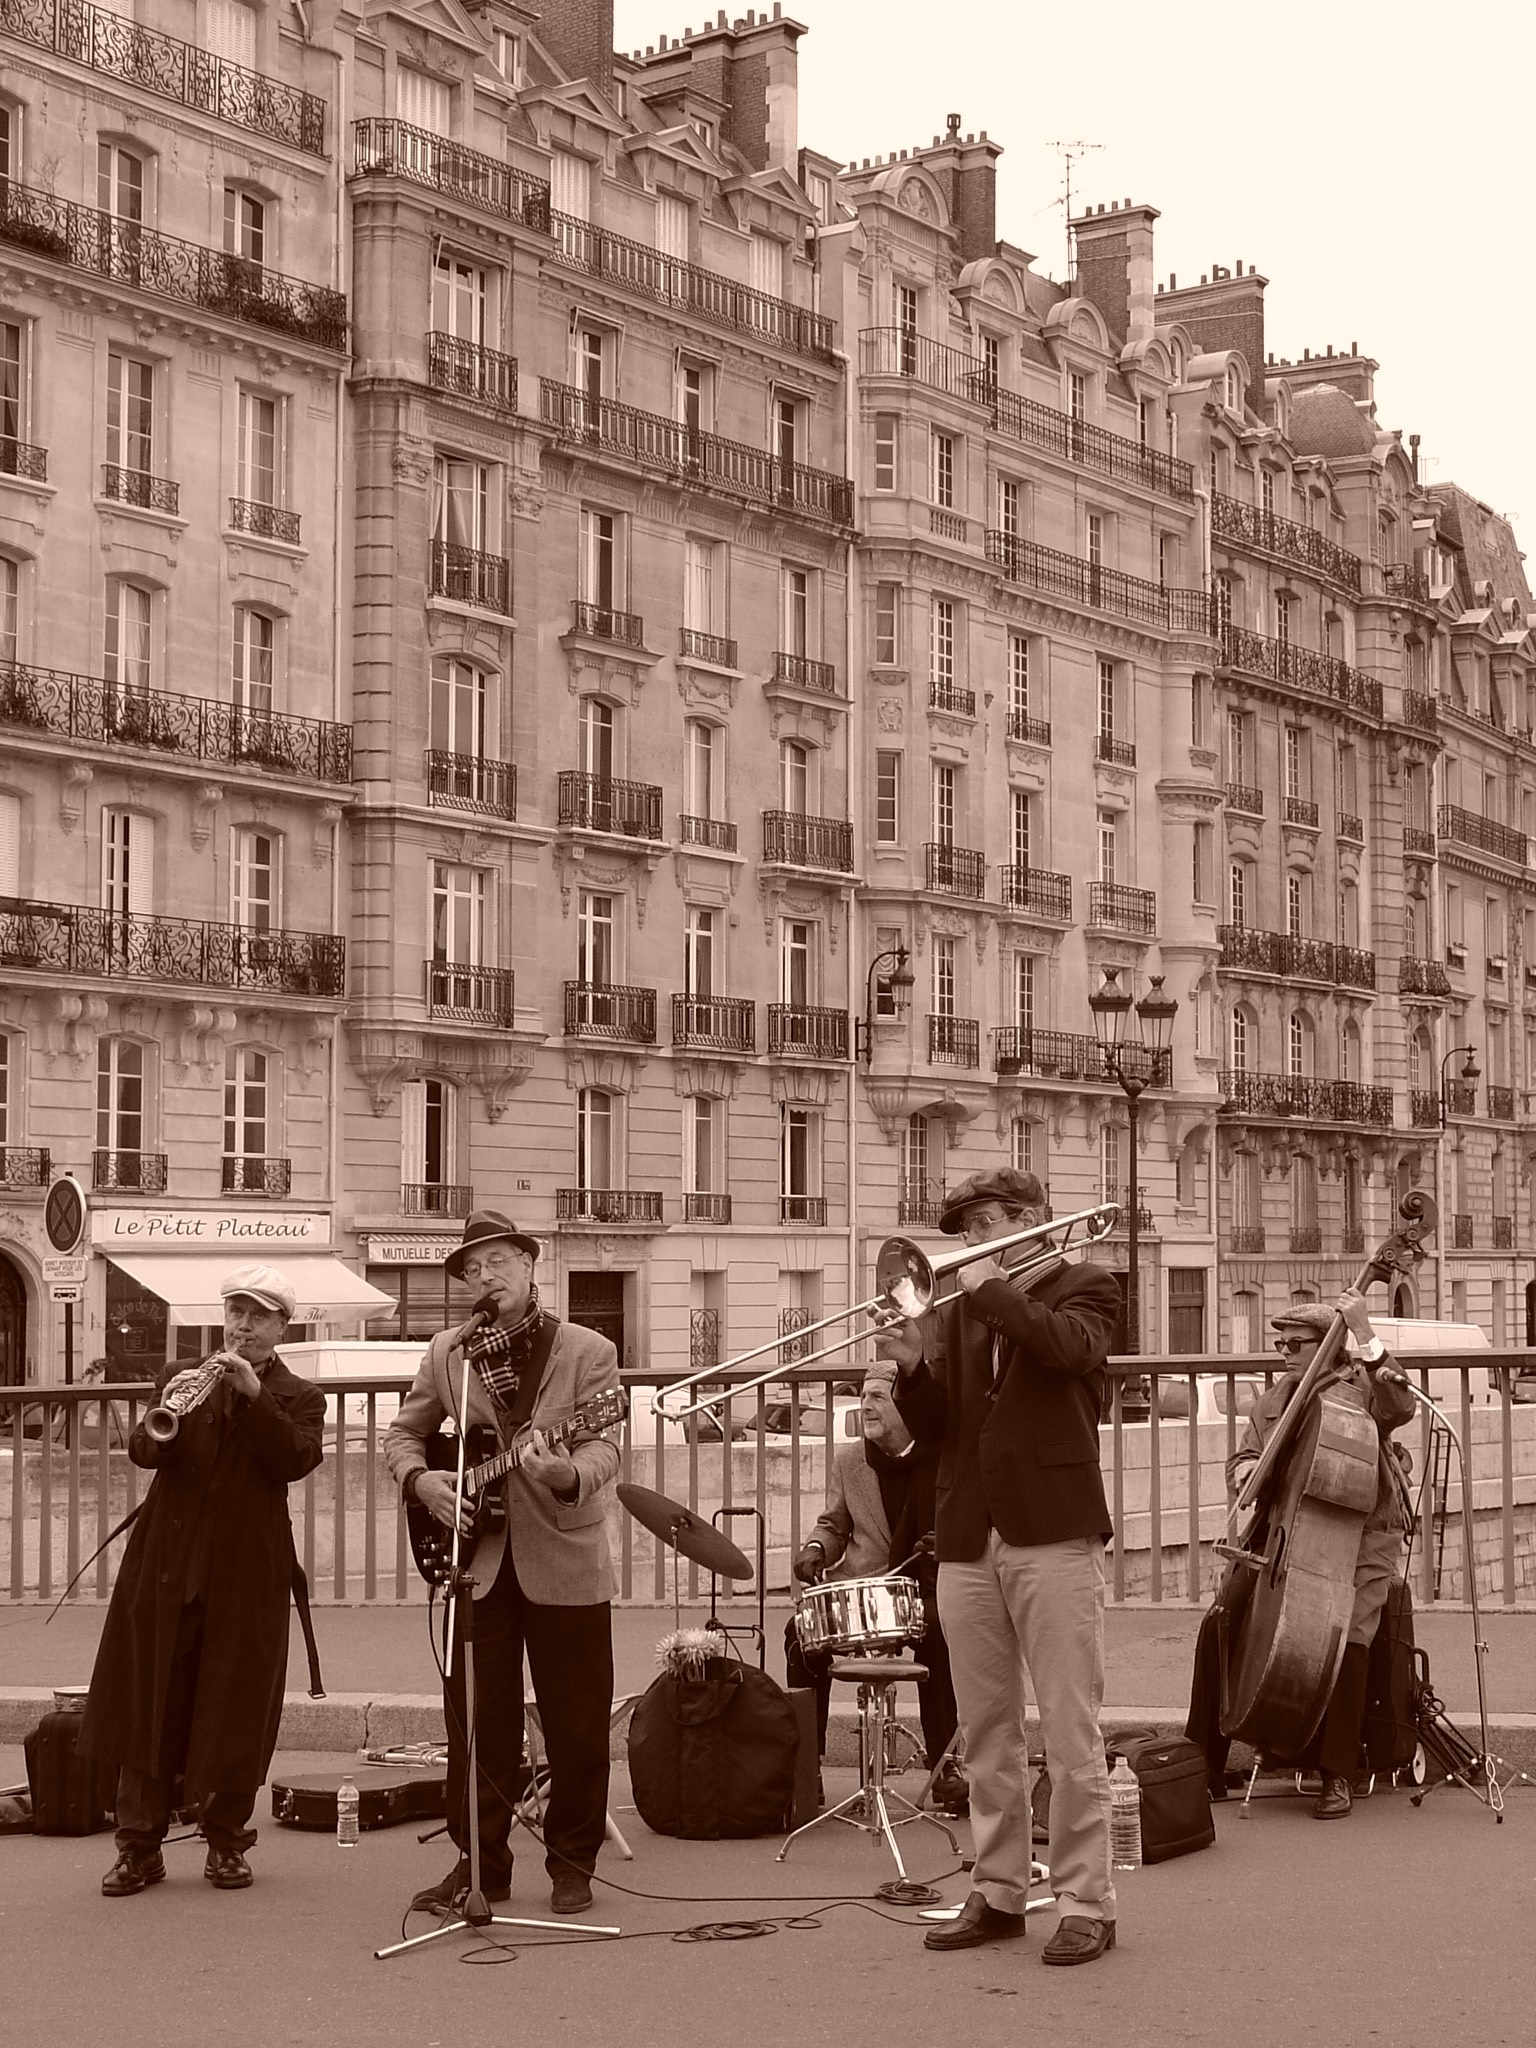 street-musicians-1436714